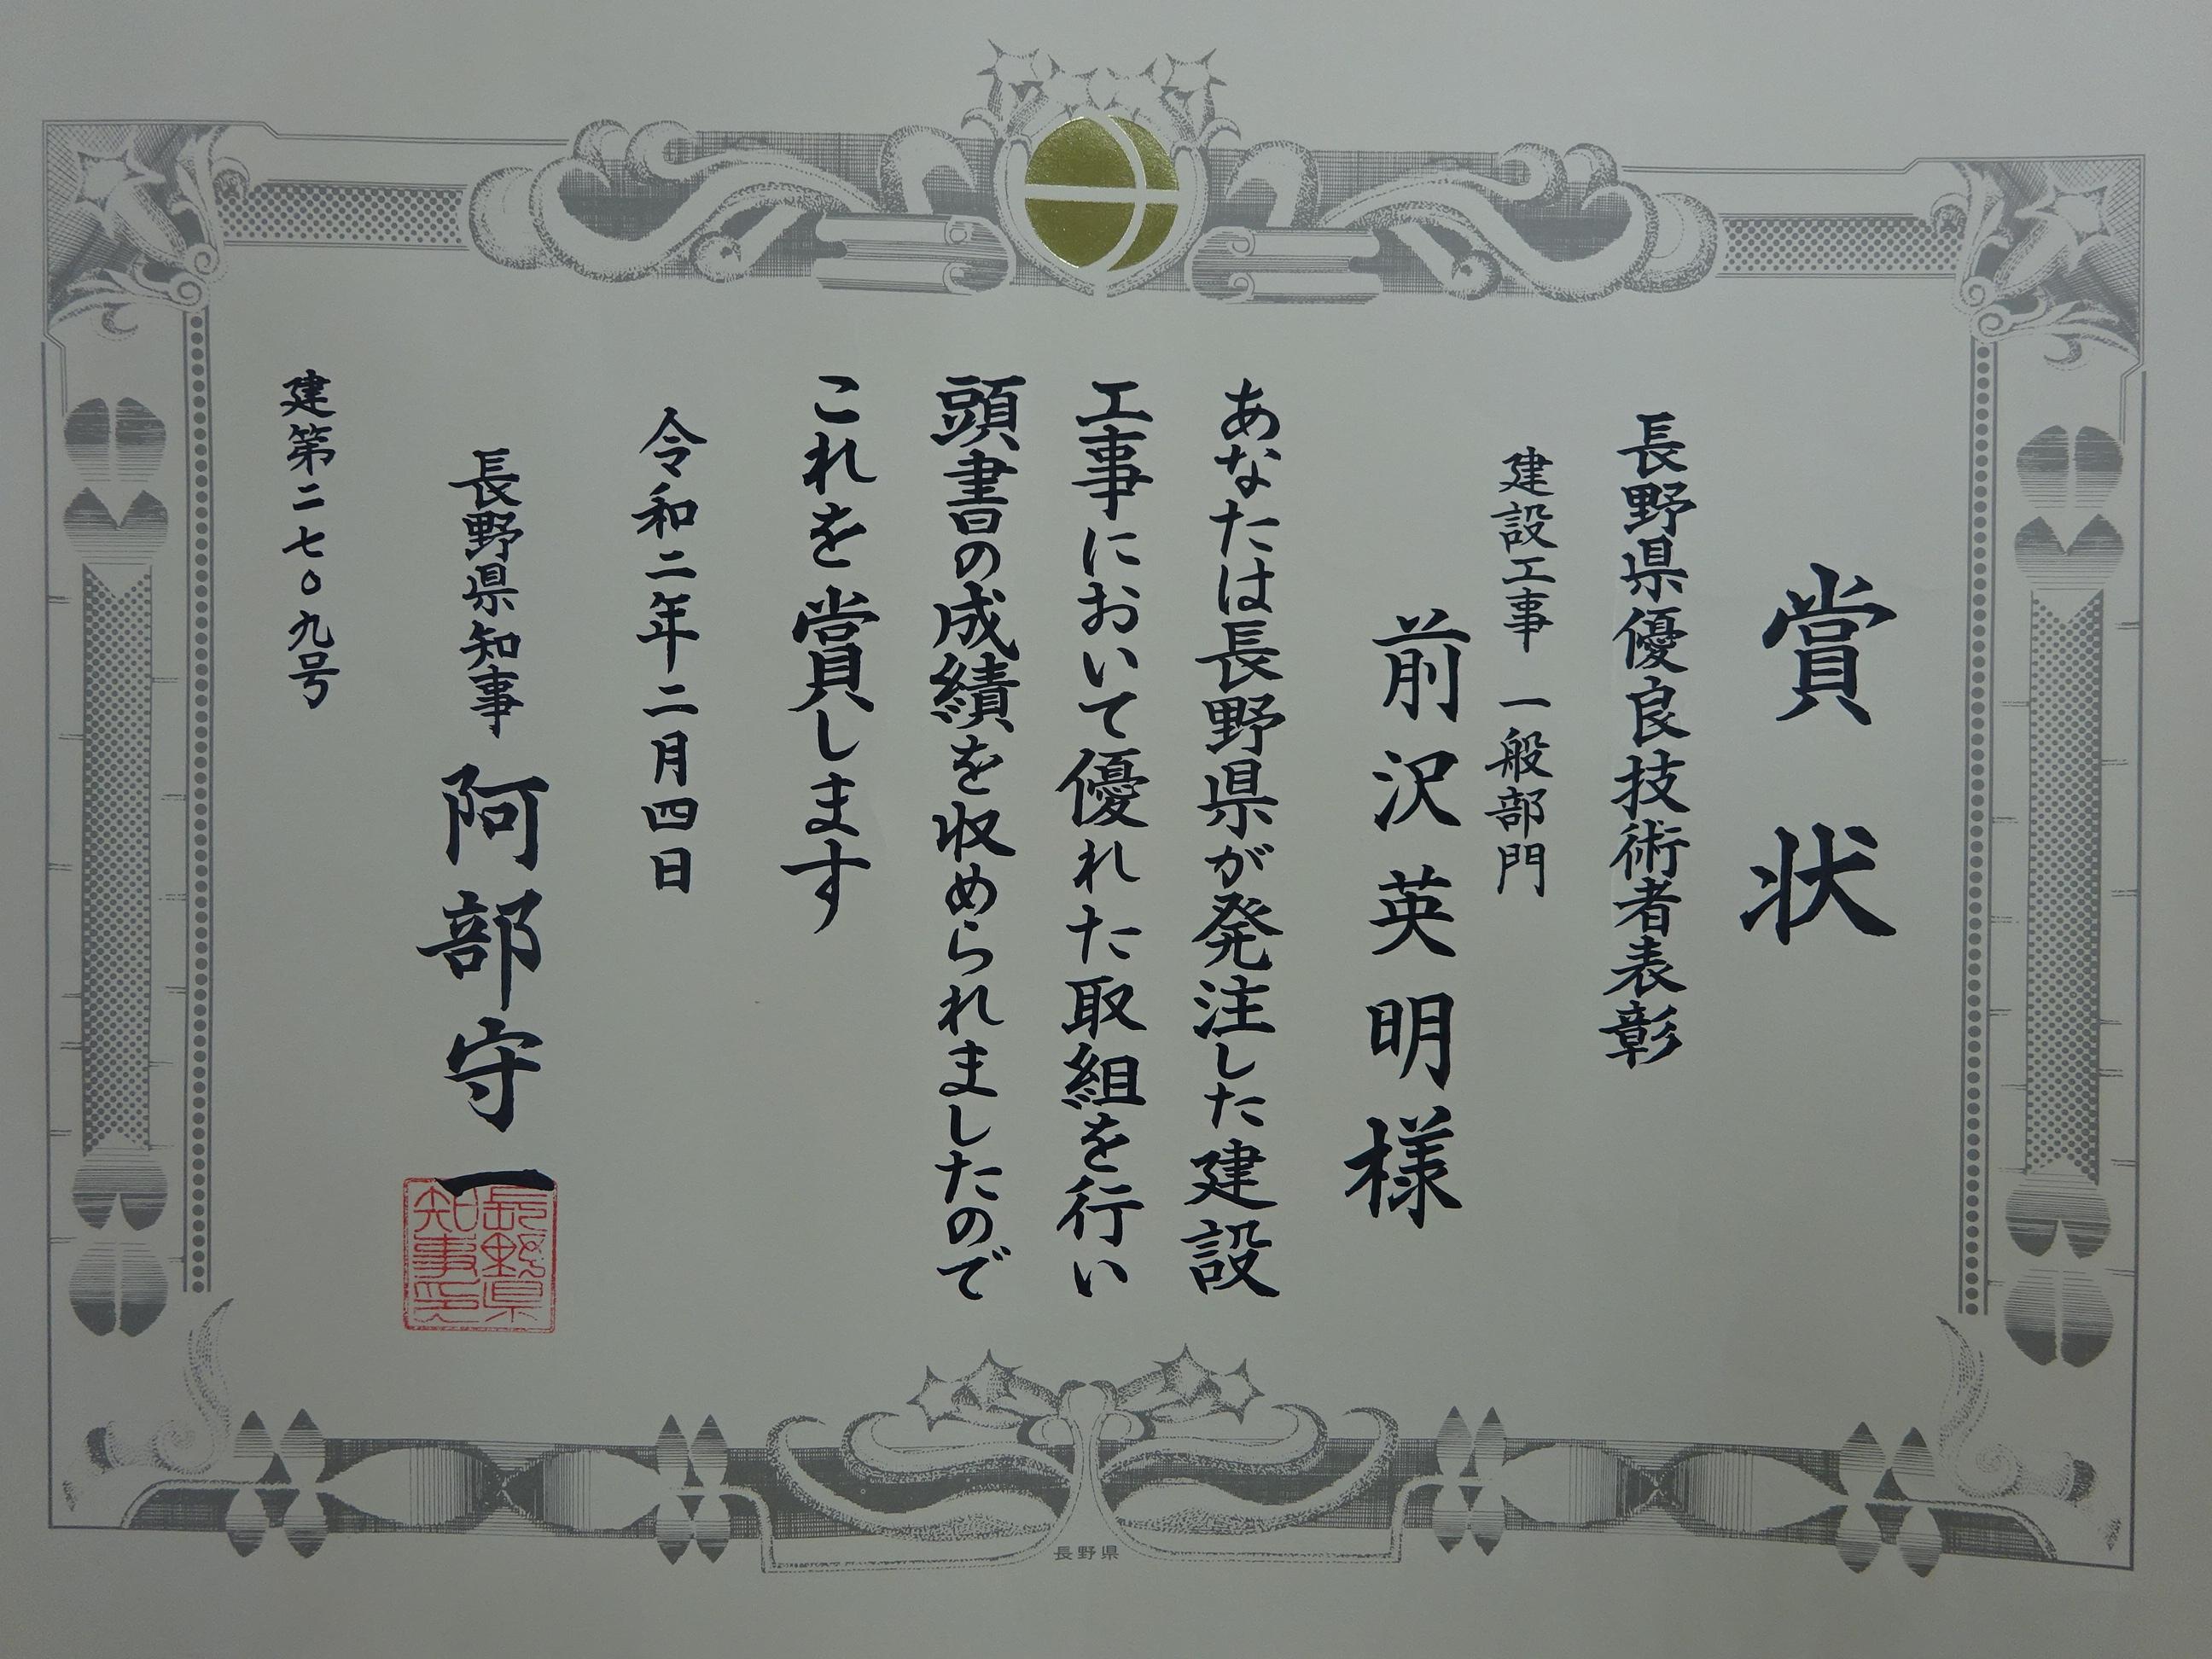 令和2年 長野県優良技術者表彰